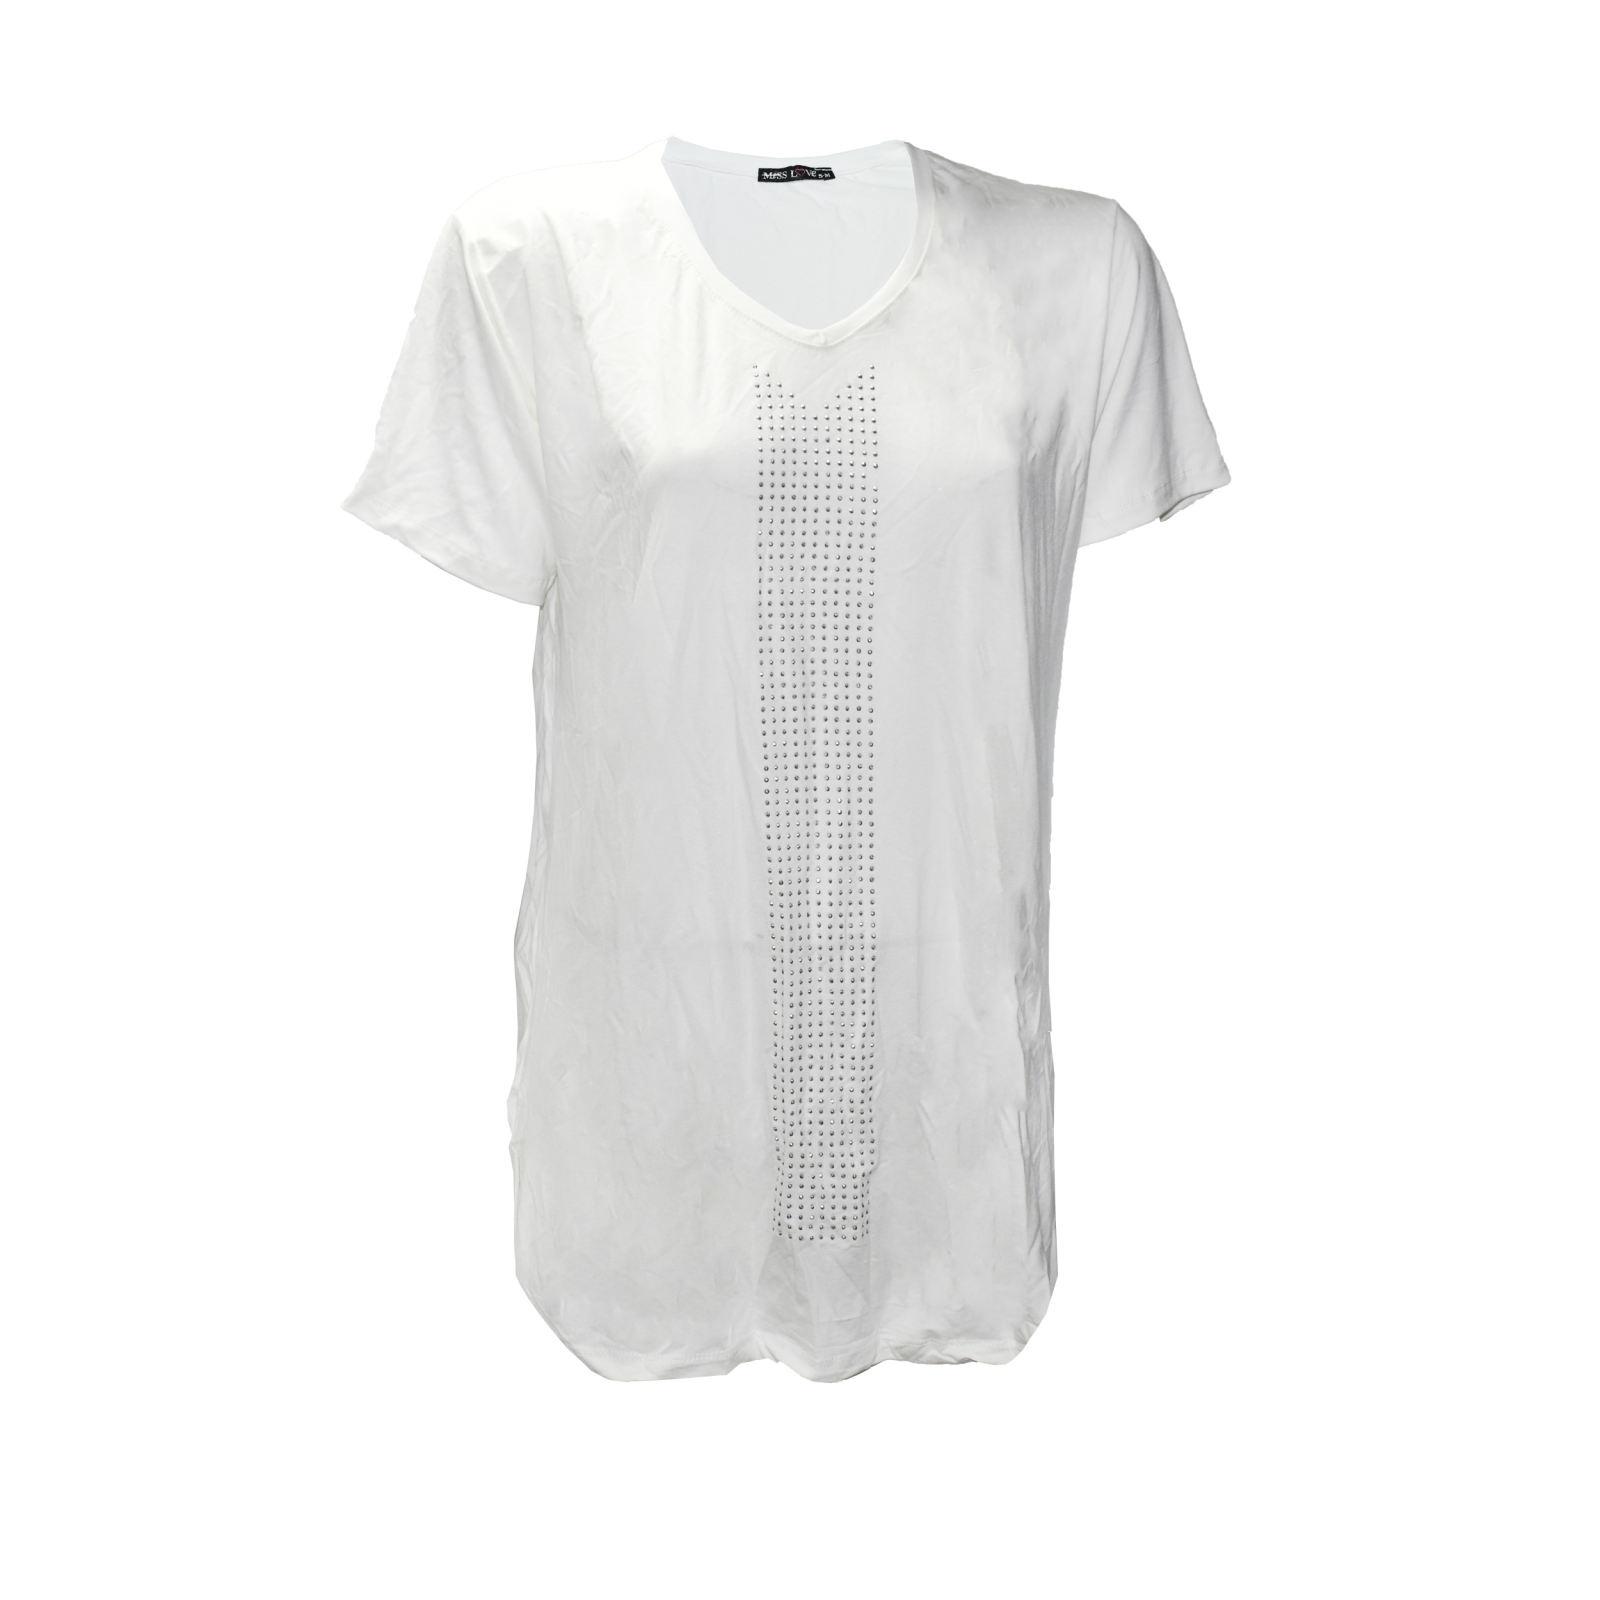 تی شرت زنانه میس لاو کد ۸۵۵۶۵